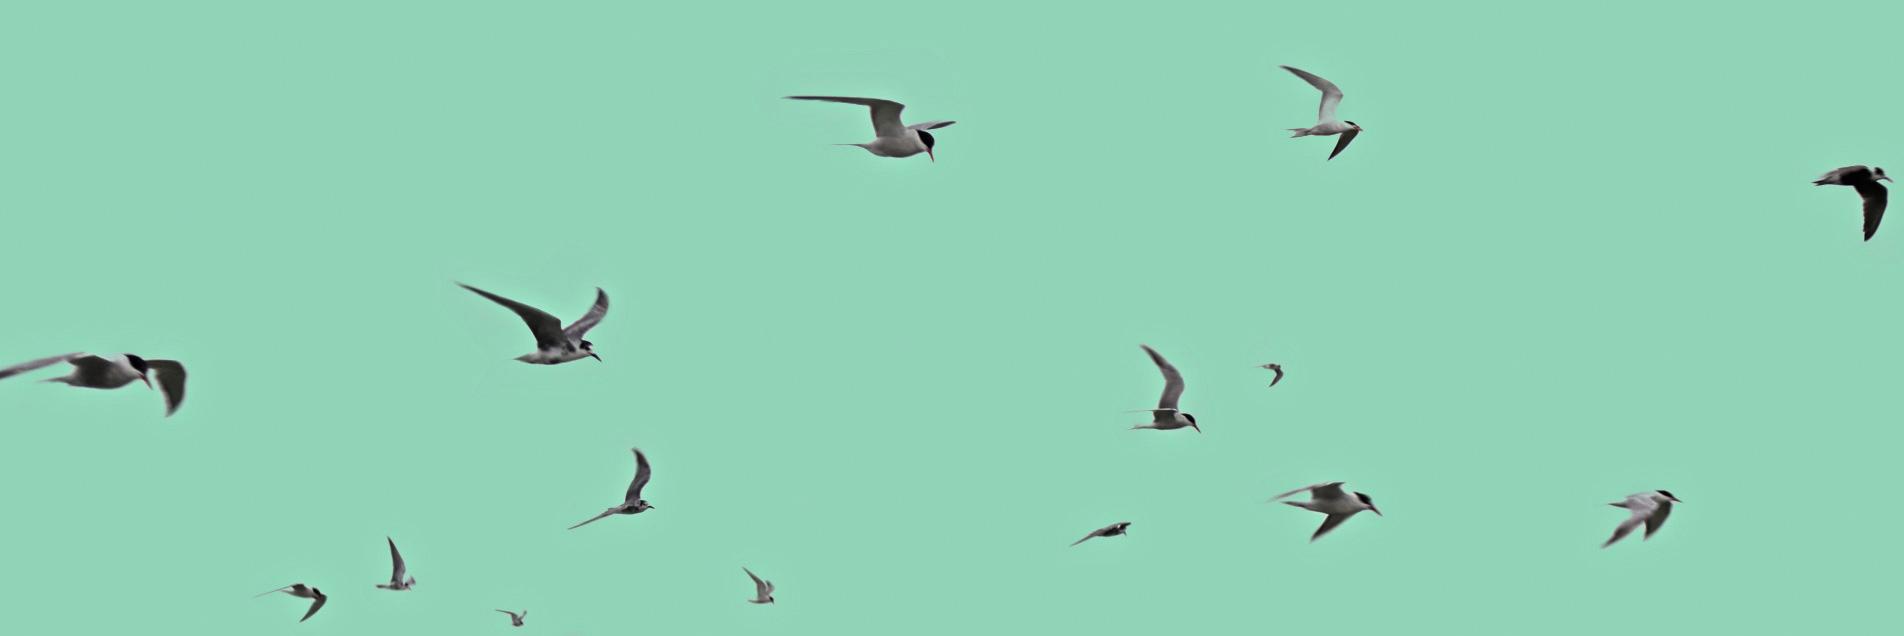 Platonia, donde para volar no hacen falta alas